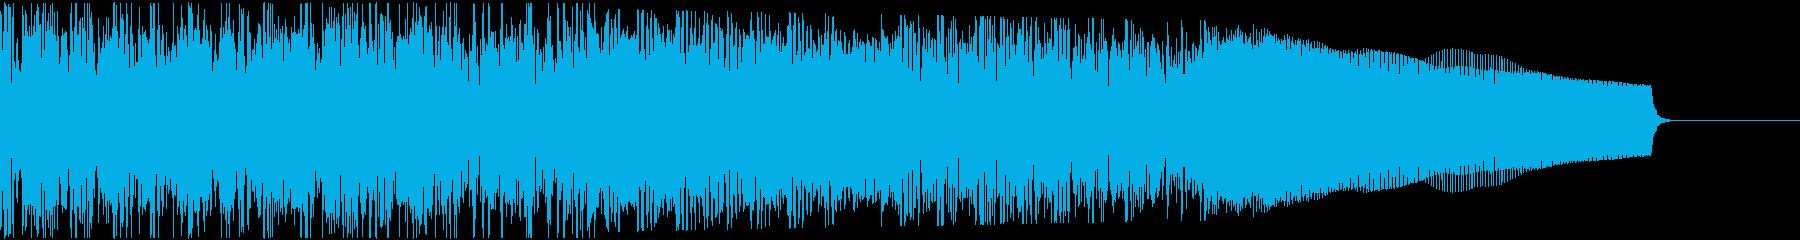 カントリー風ギターイントロ−06Hの再生済みの波形